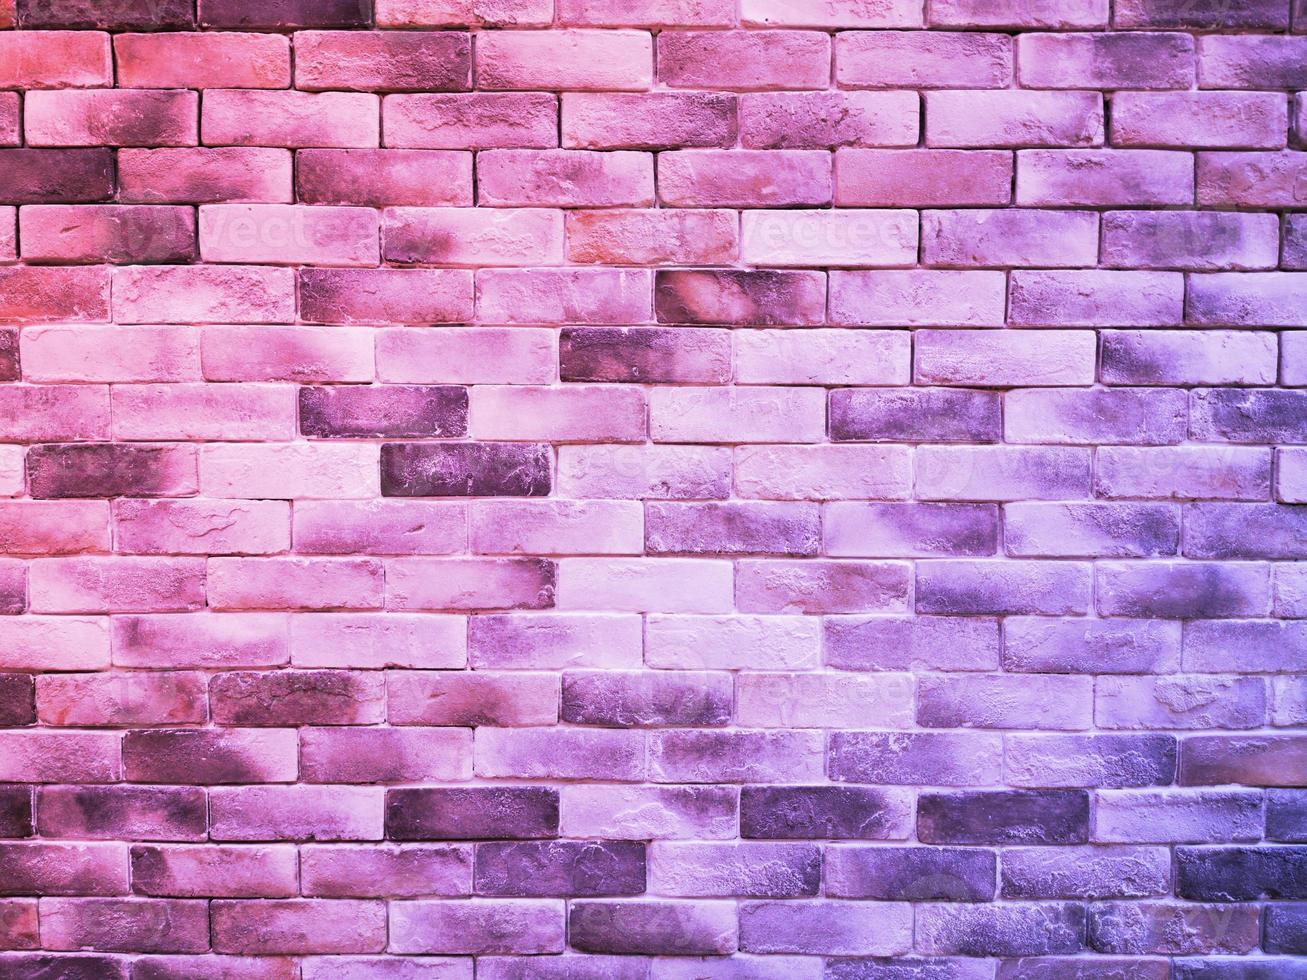 mur de briques colorées pour le fond ou la texture photo